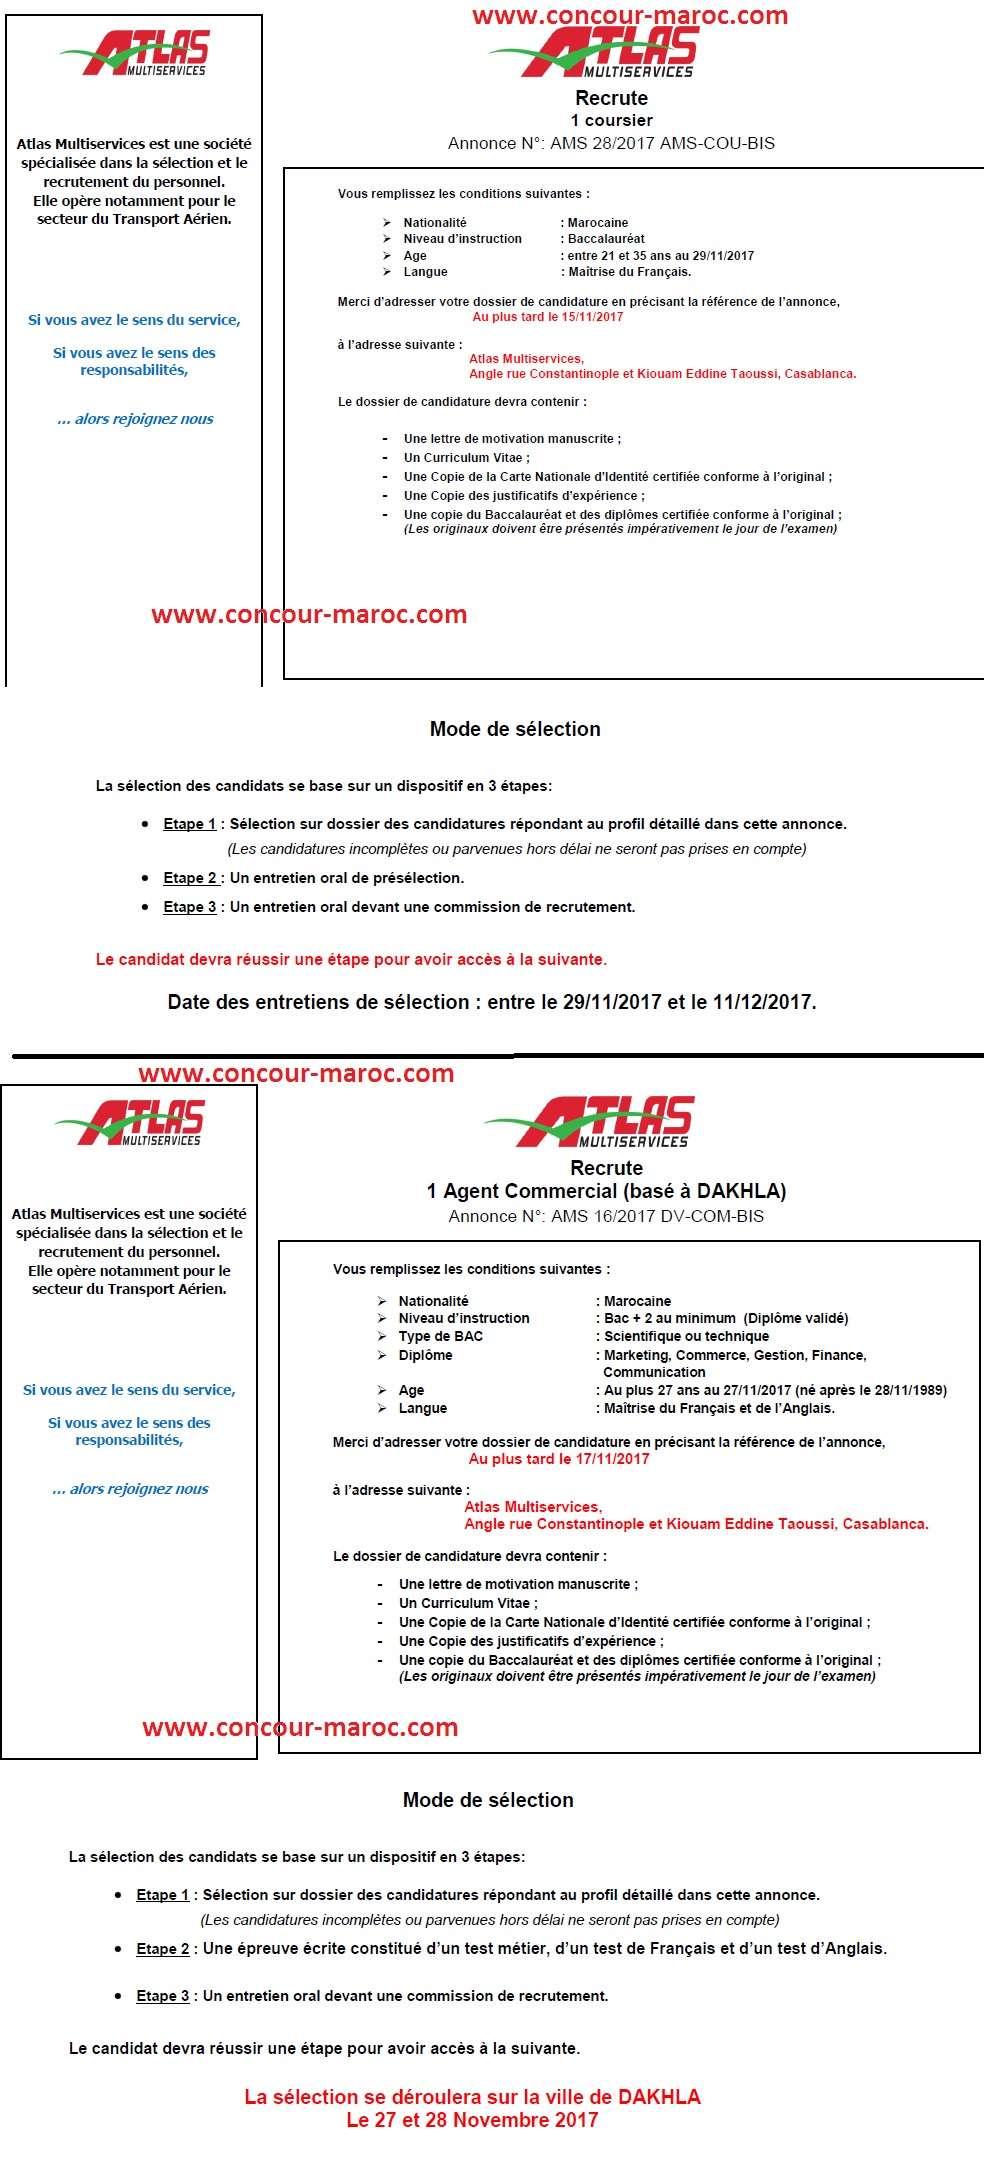 أطلس مولتي سيرفيس : مباراة لتوظيف (بموجب عقد) عون تجاري و سائق آخر أجل 15 نونبر 2017 Concou47